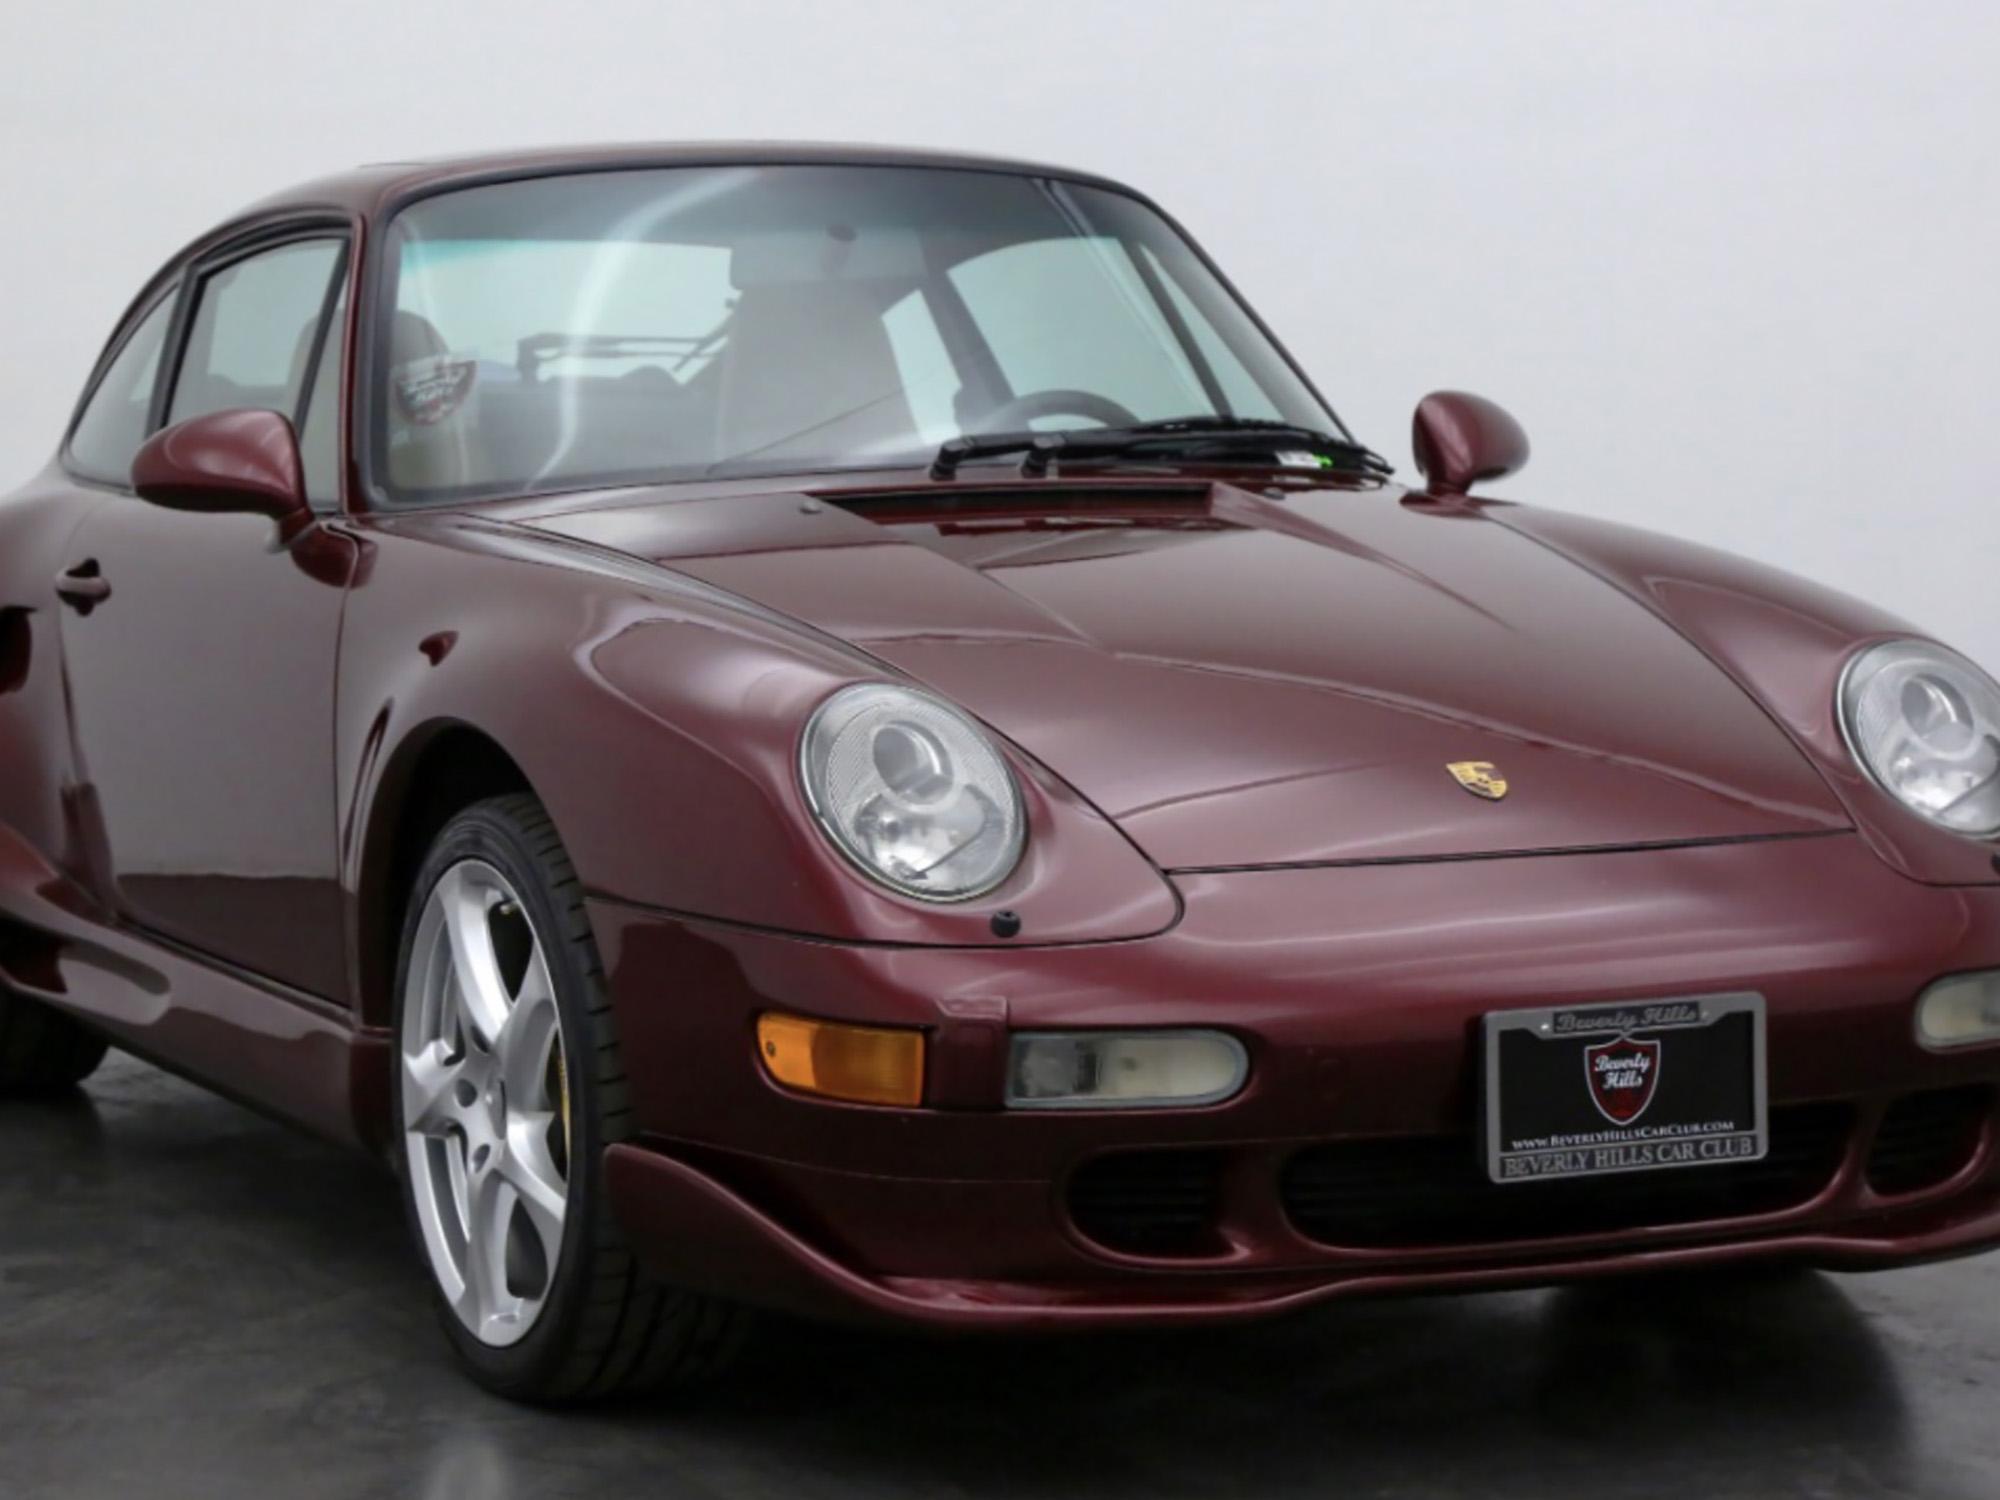 1996 Porsche 911 Carrera 4 Coupe